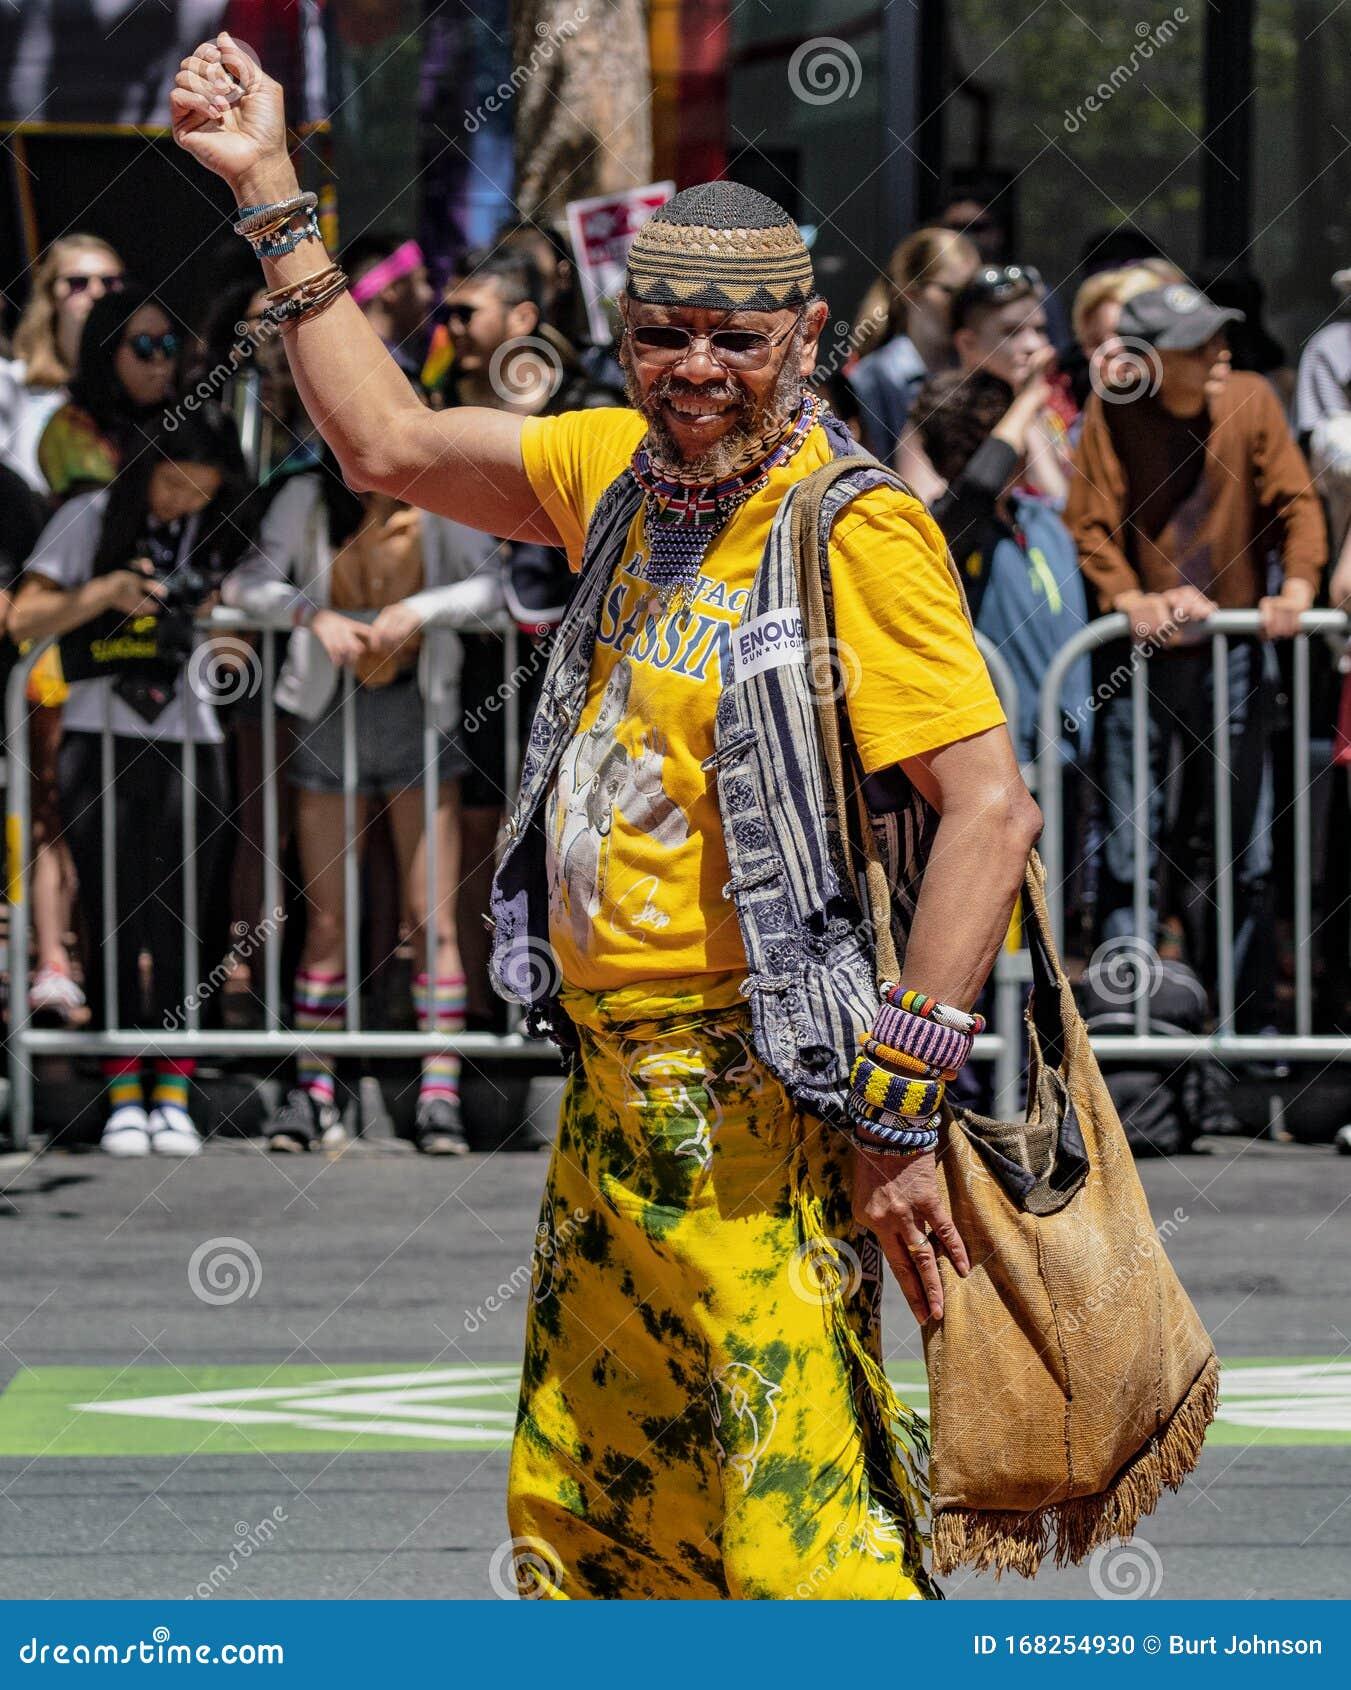 Gay Pride Parade In San Francisco - Emperor Norton And